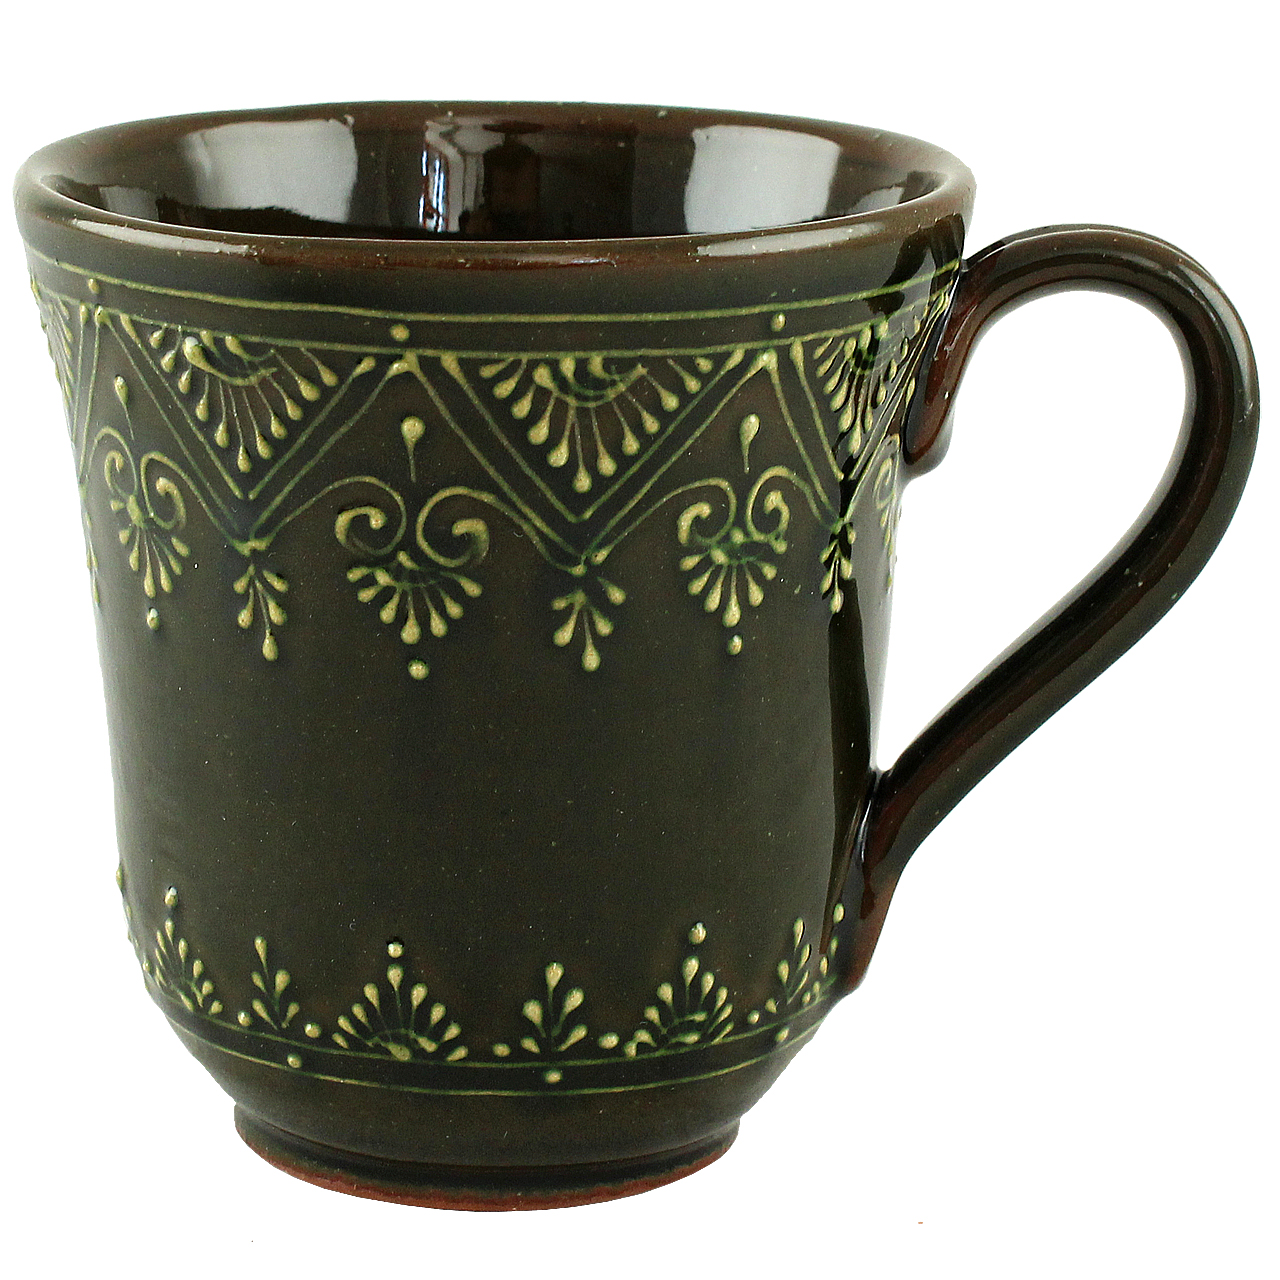 Cana Traditionala Din Ceramica Oliv